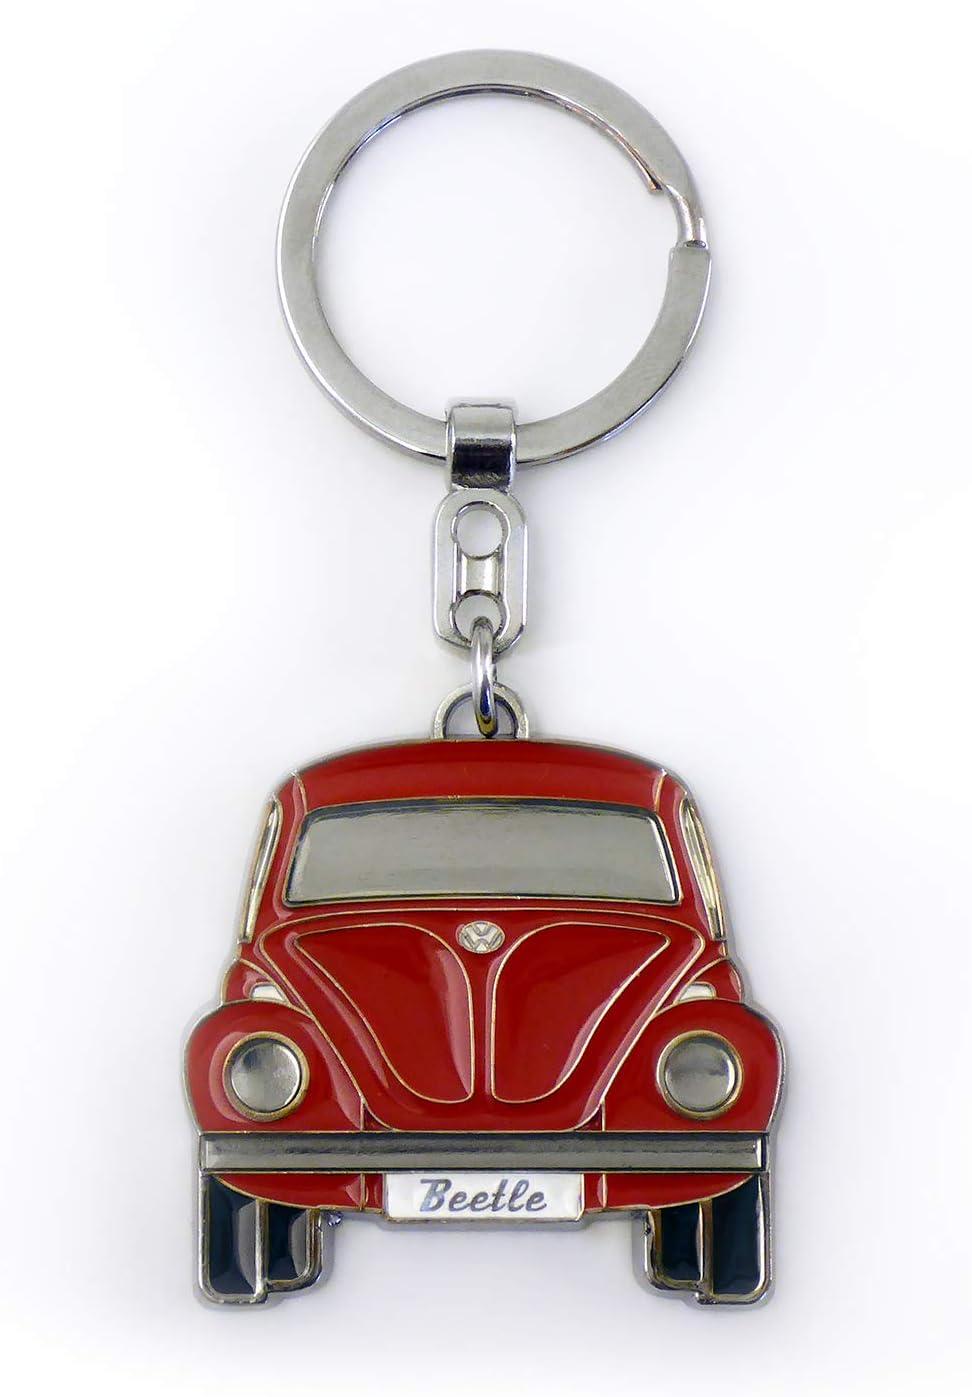 Volkswagen Coccinelle Voiture Beetle Porte-cl/és dans Coffret Cadeau de Haute qualit/é Id/ée de Cadeau//Souvenir//Produit R/étro Vintage BRISA VW Collection Avant//Bleu